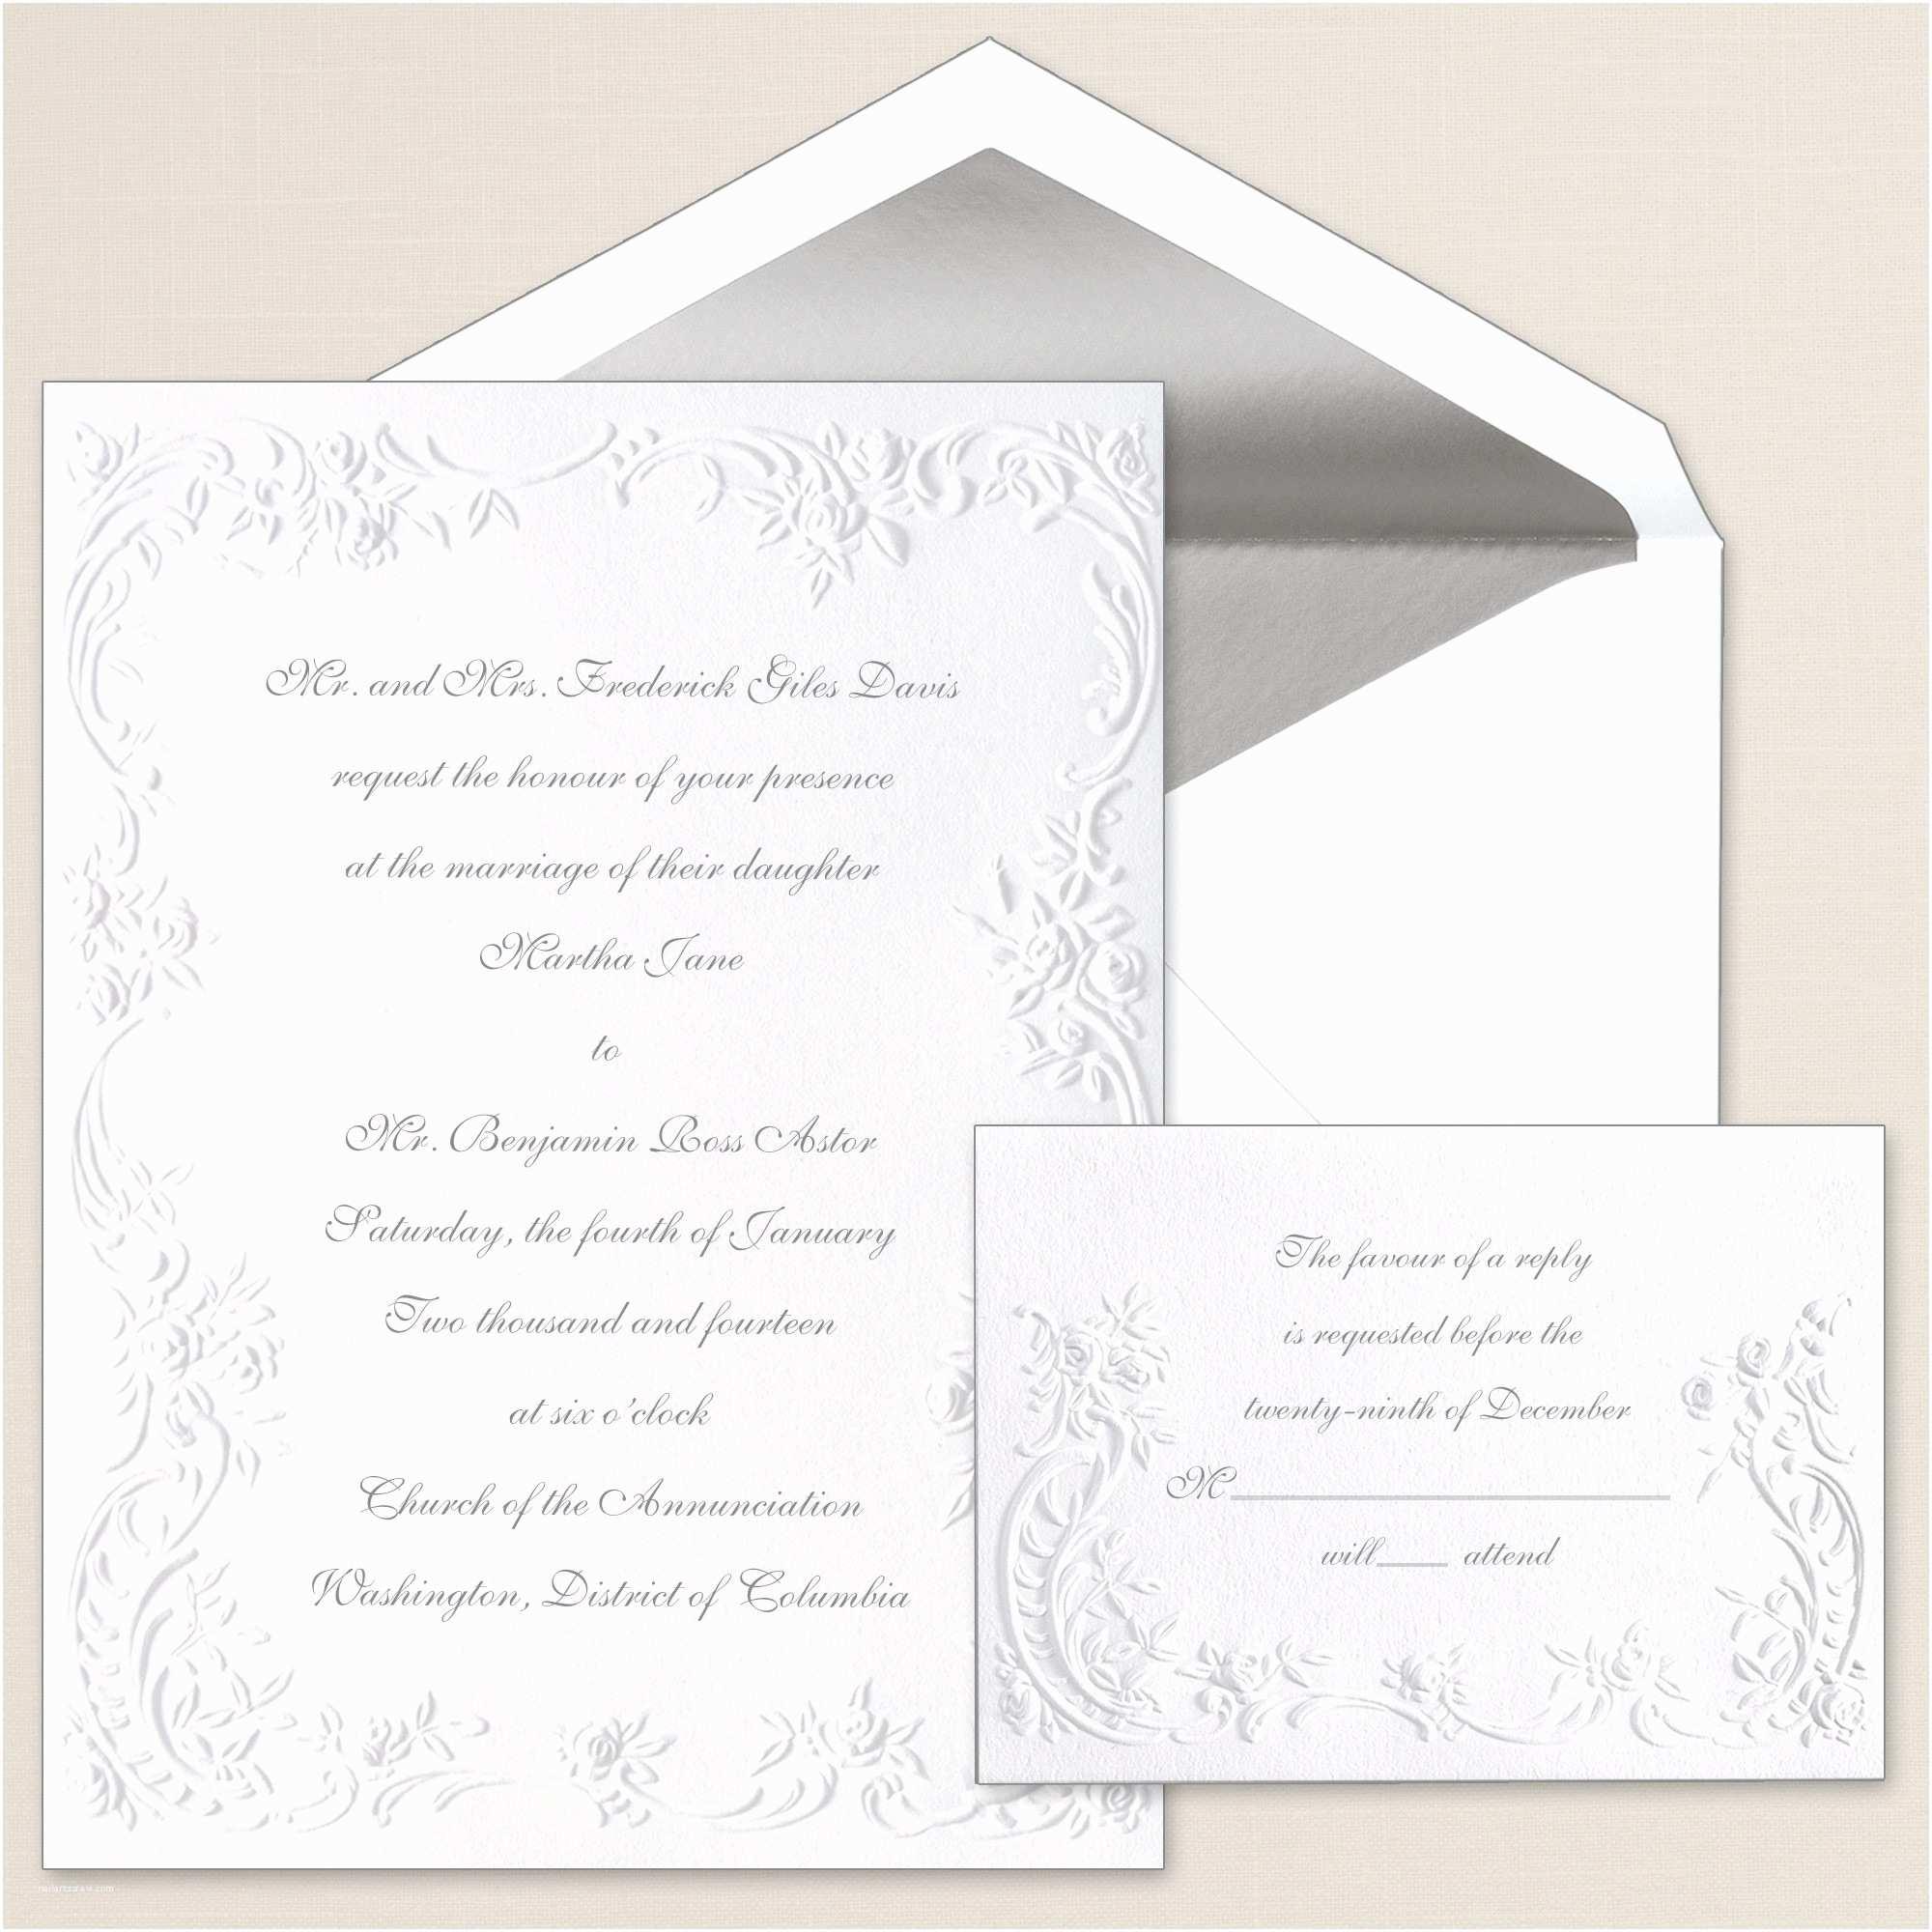 Affordable Wedding Invitation Sets Affordable Wedding Invitation Sets